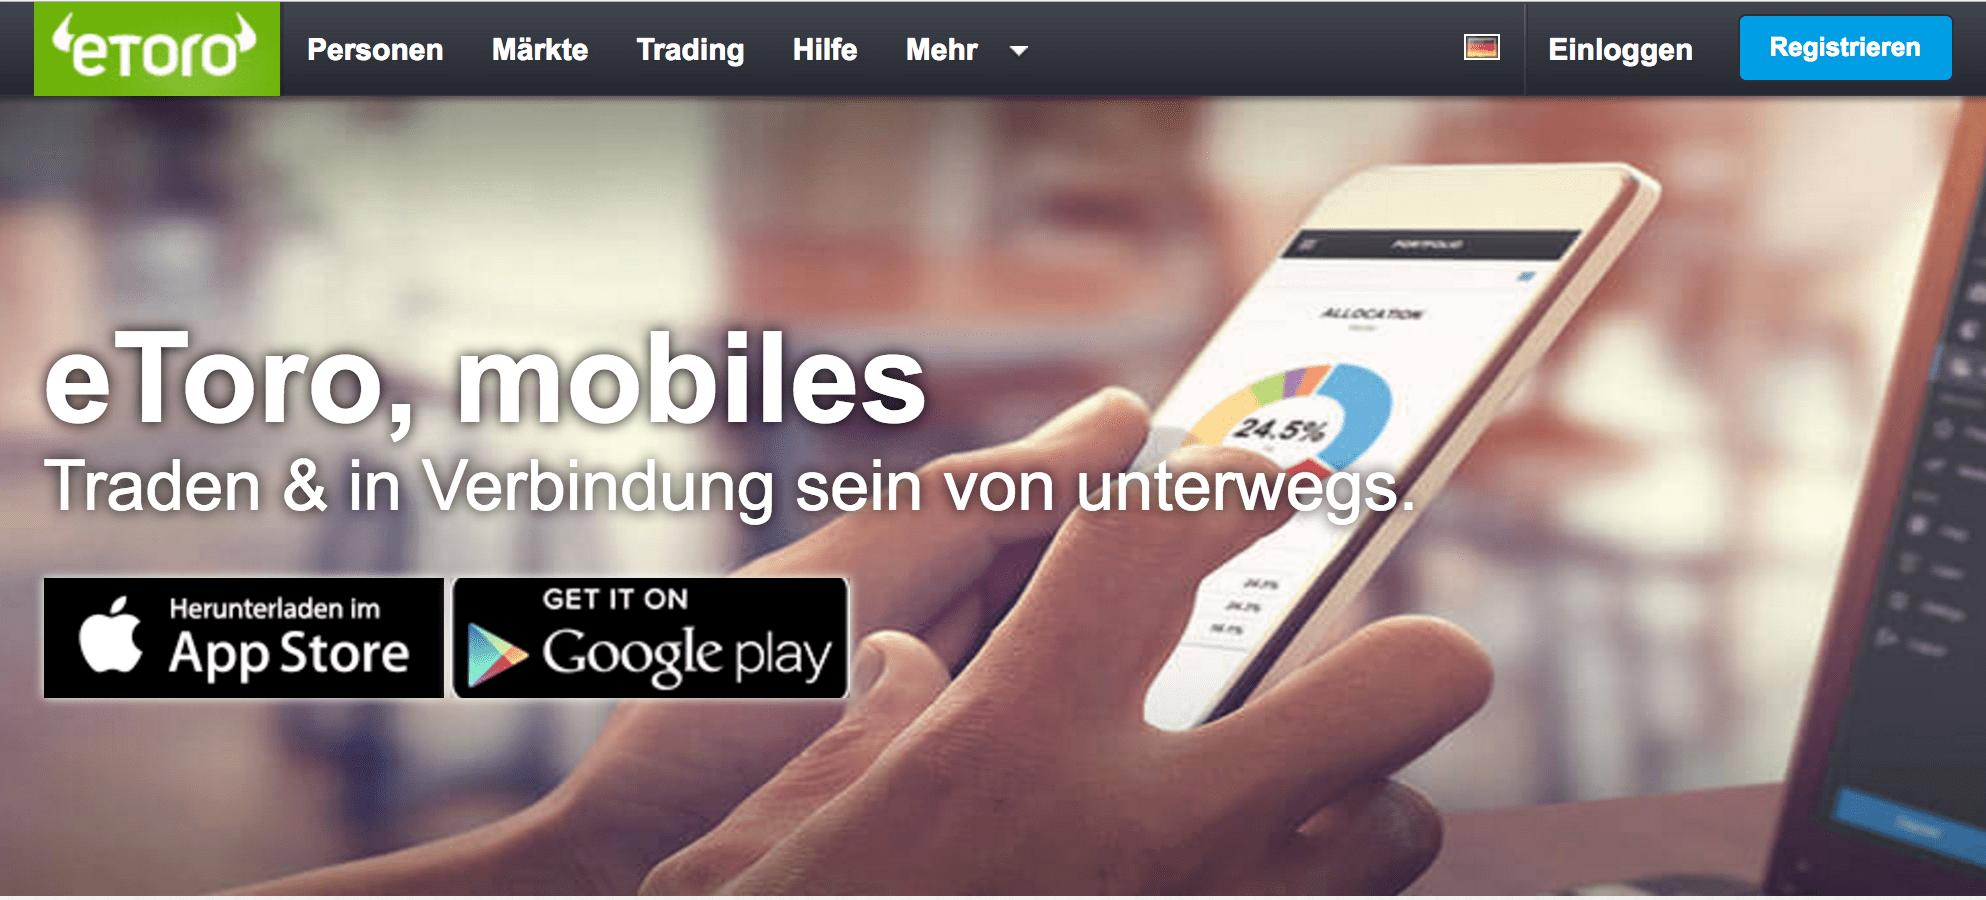 eToro mobiler Handel